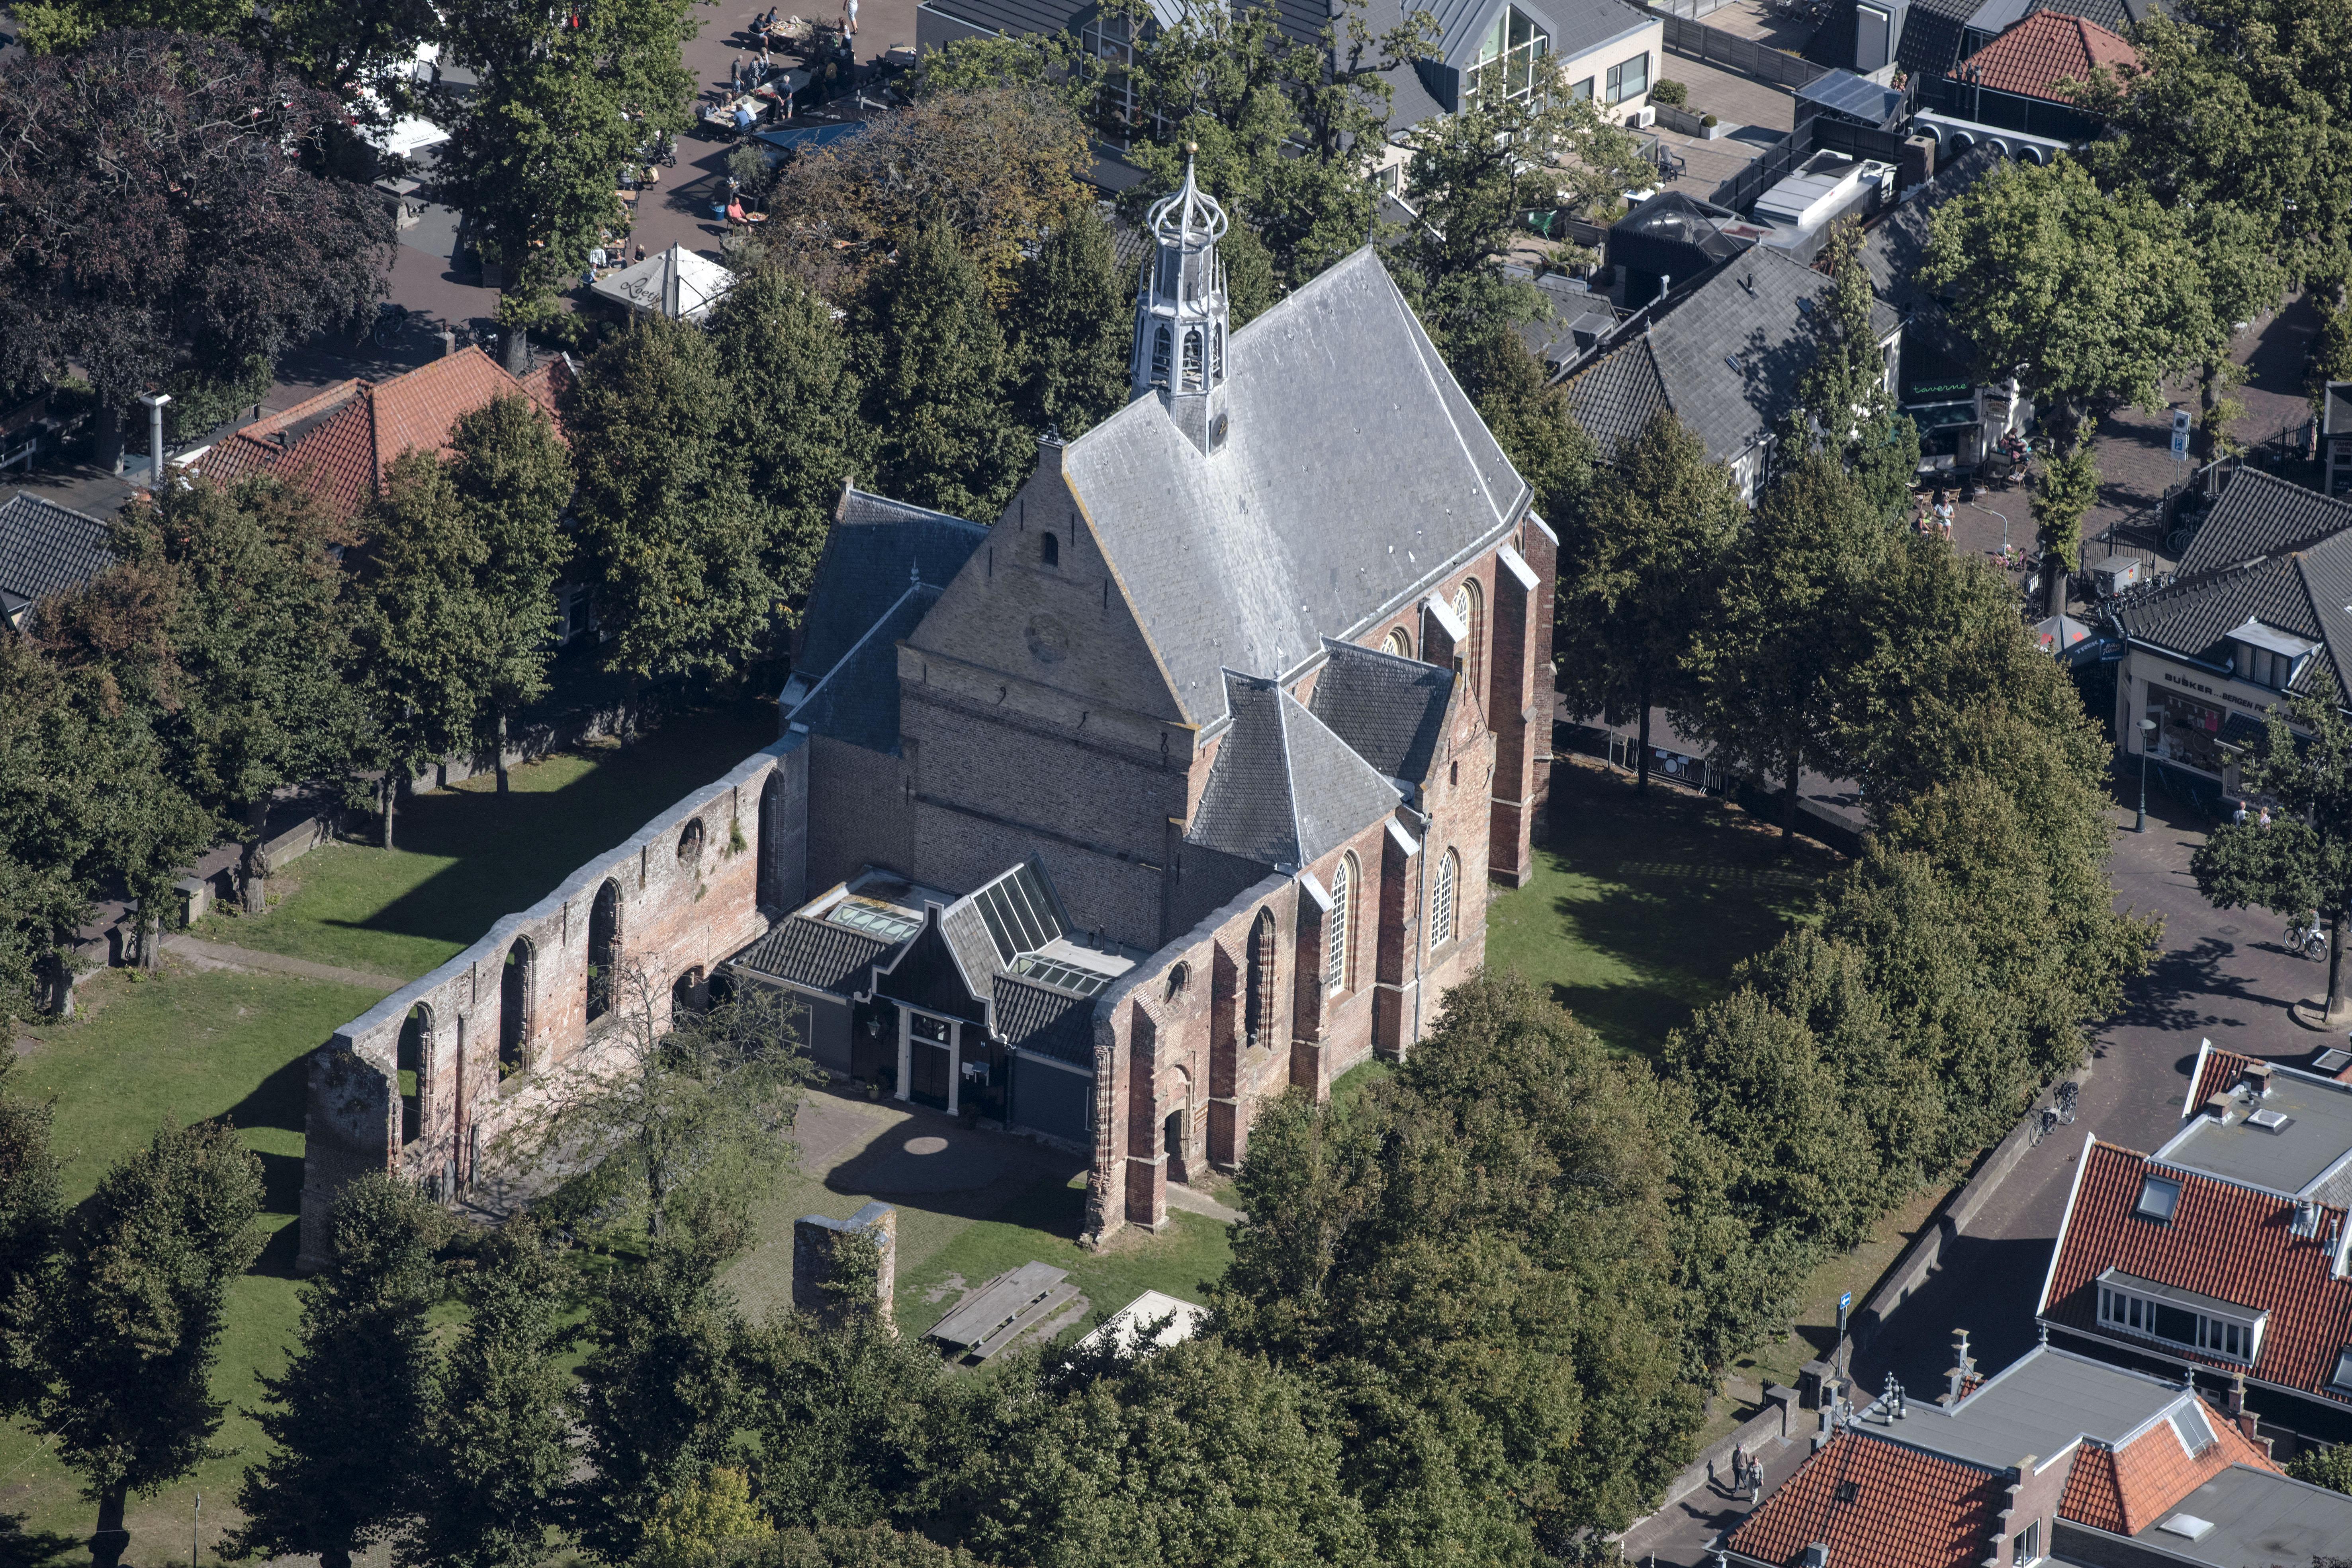 Huishoudens Bergen weer de rijkste in de regio, Castricum en Heiloo tweede en derde